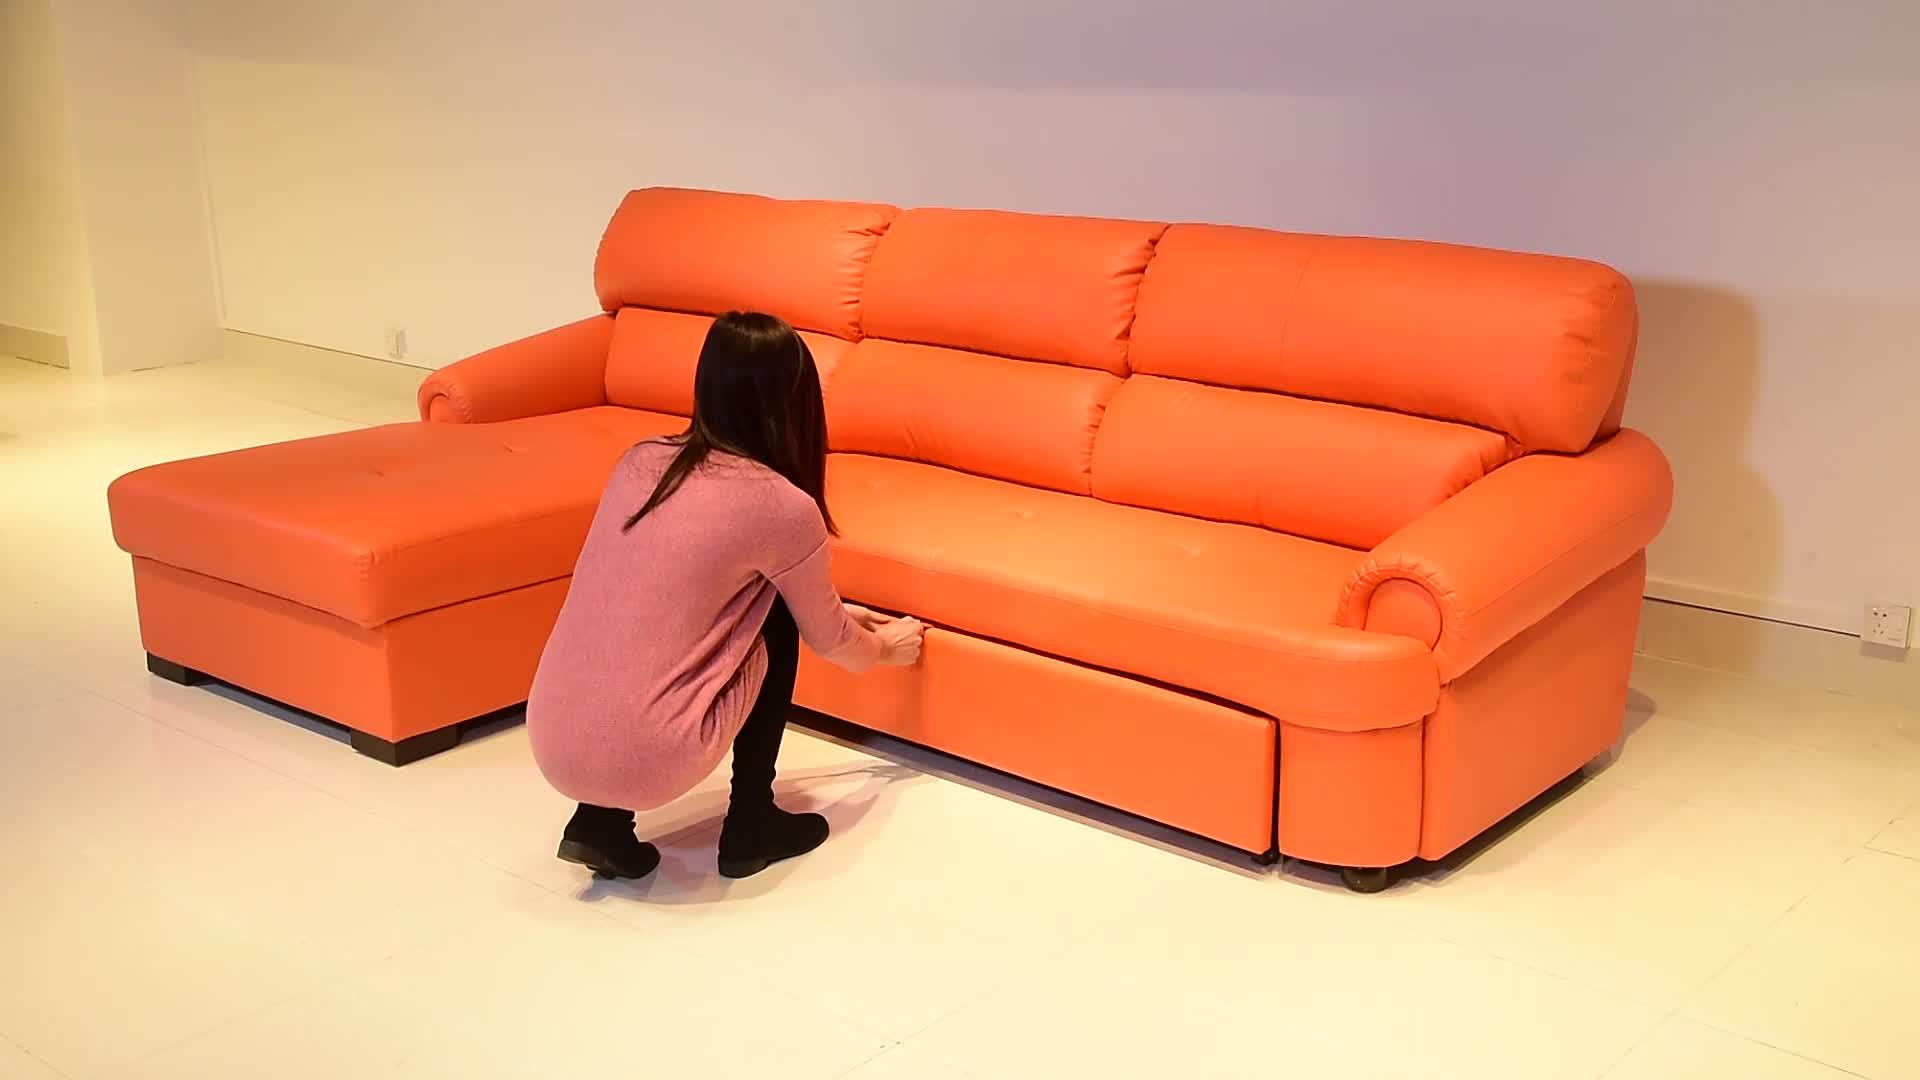 Modern Living Room Ragazzo Pigro Divano Reclinabile Letto Cum Trasformatore Struttura In Metallo In Pelle Sezionale Divano Letto